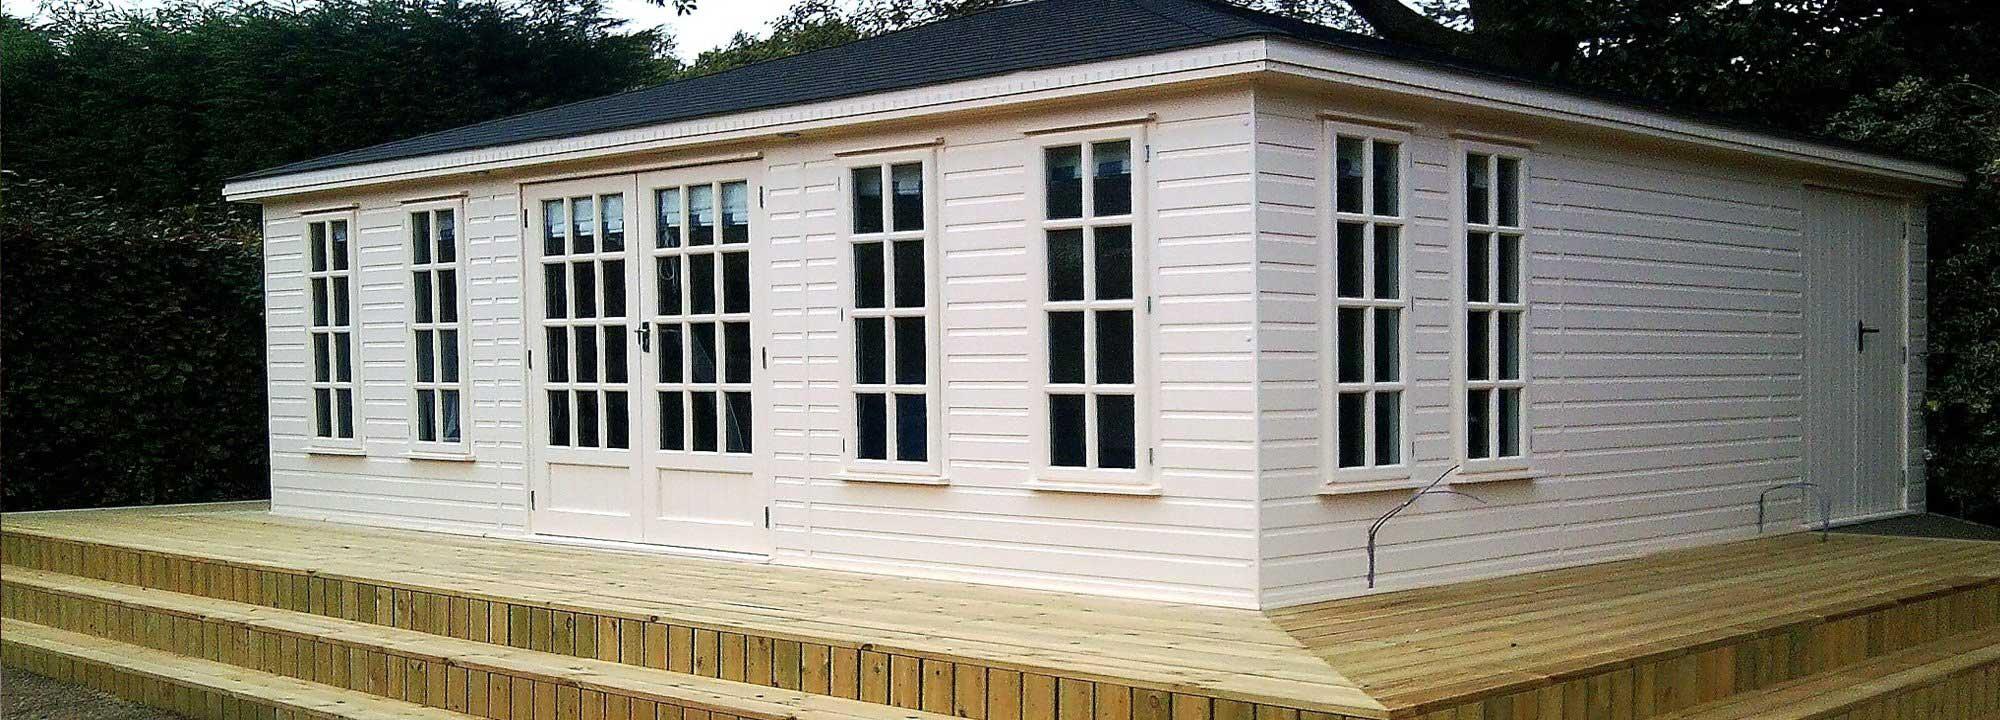 Garden Sheds Essex poulton portables limited | maldon road essex